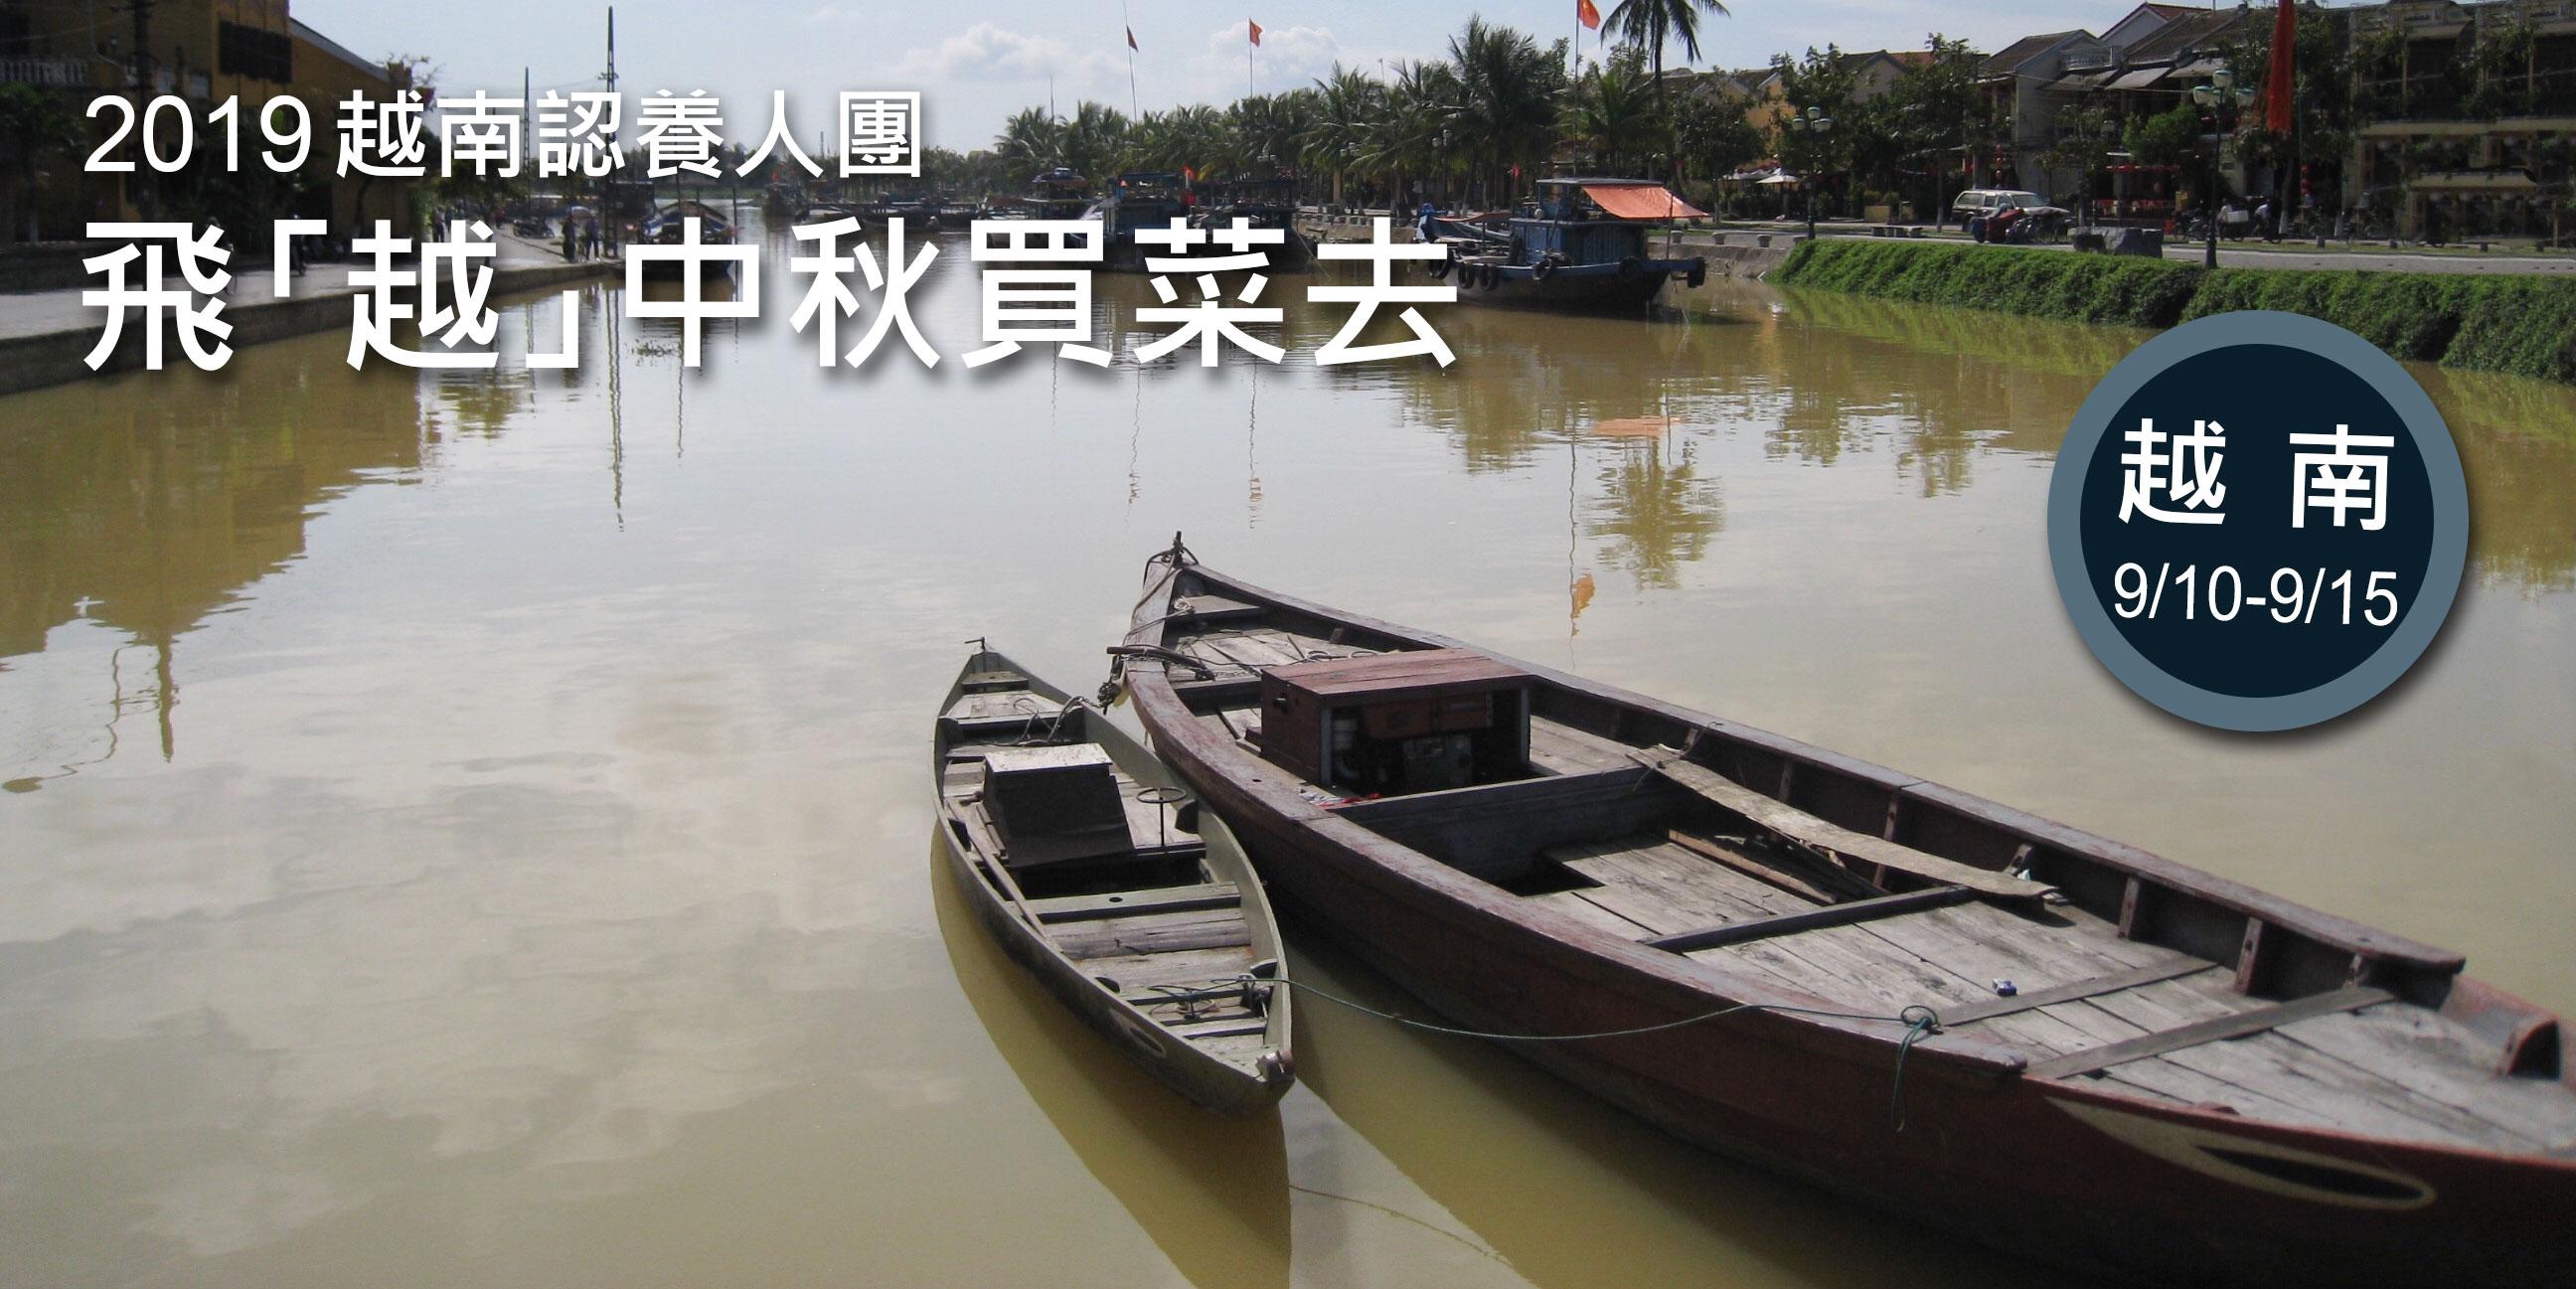 2019年「越南認養人團」─飛「越」中秋買菜去